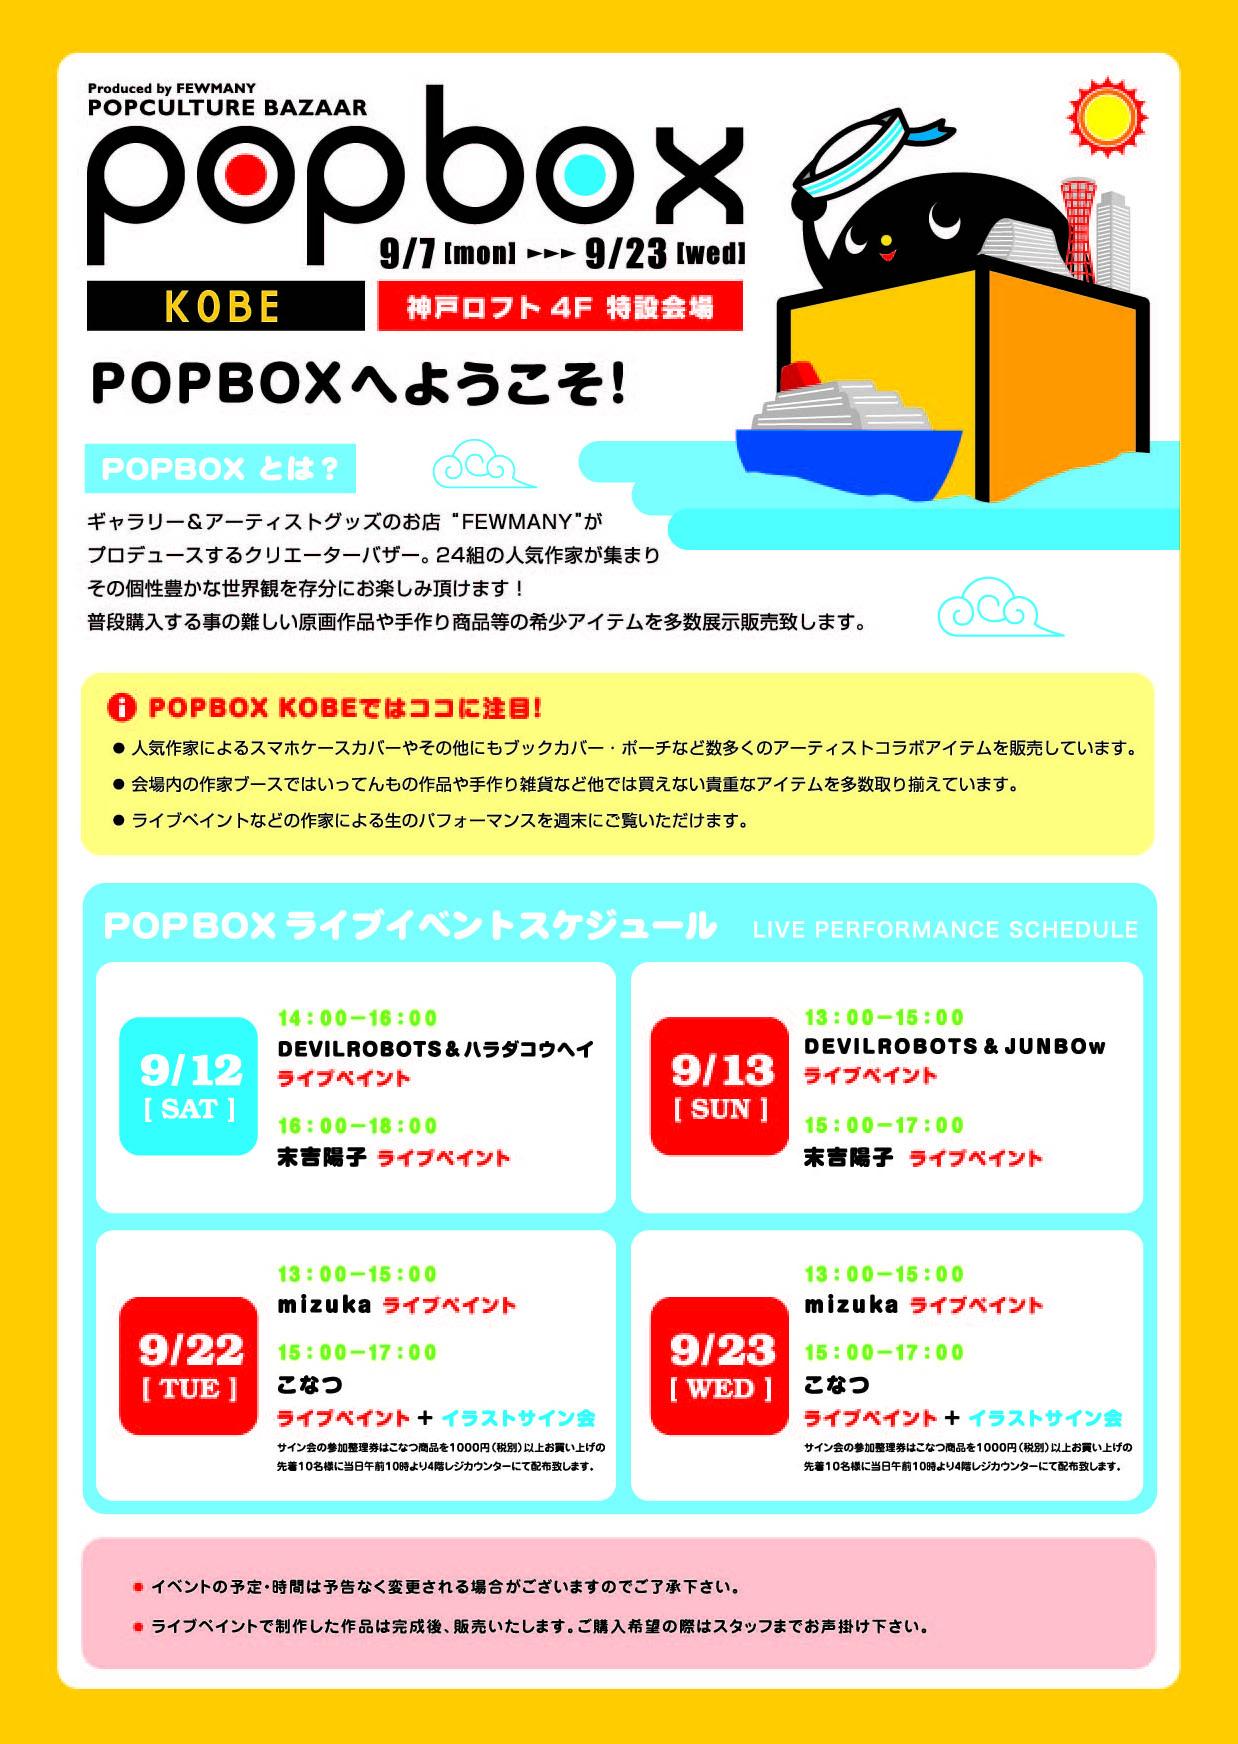 神戸ロフトPOPBOX開催のお知らせ!_f0010033_1995876.jpg